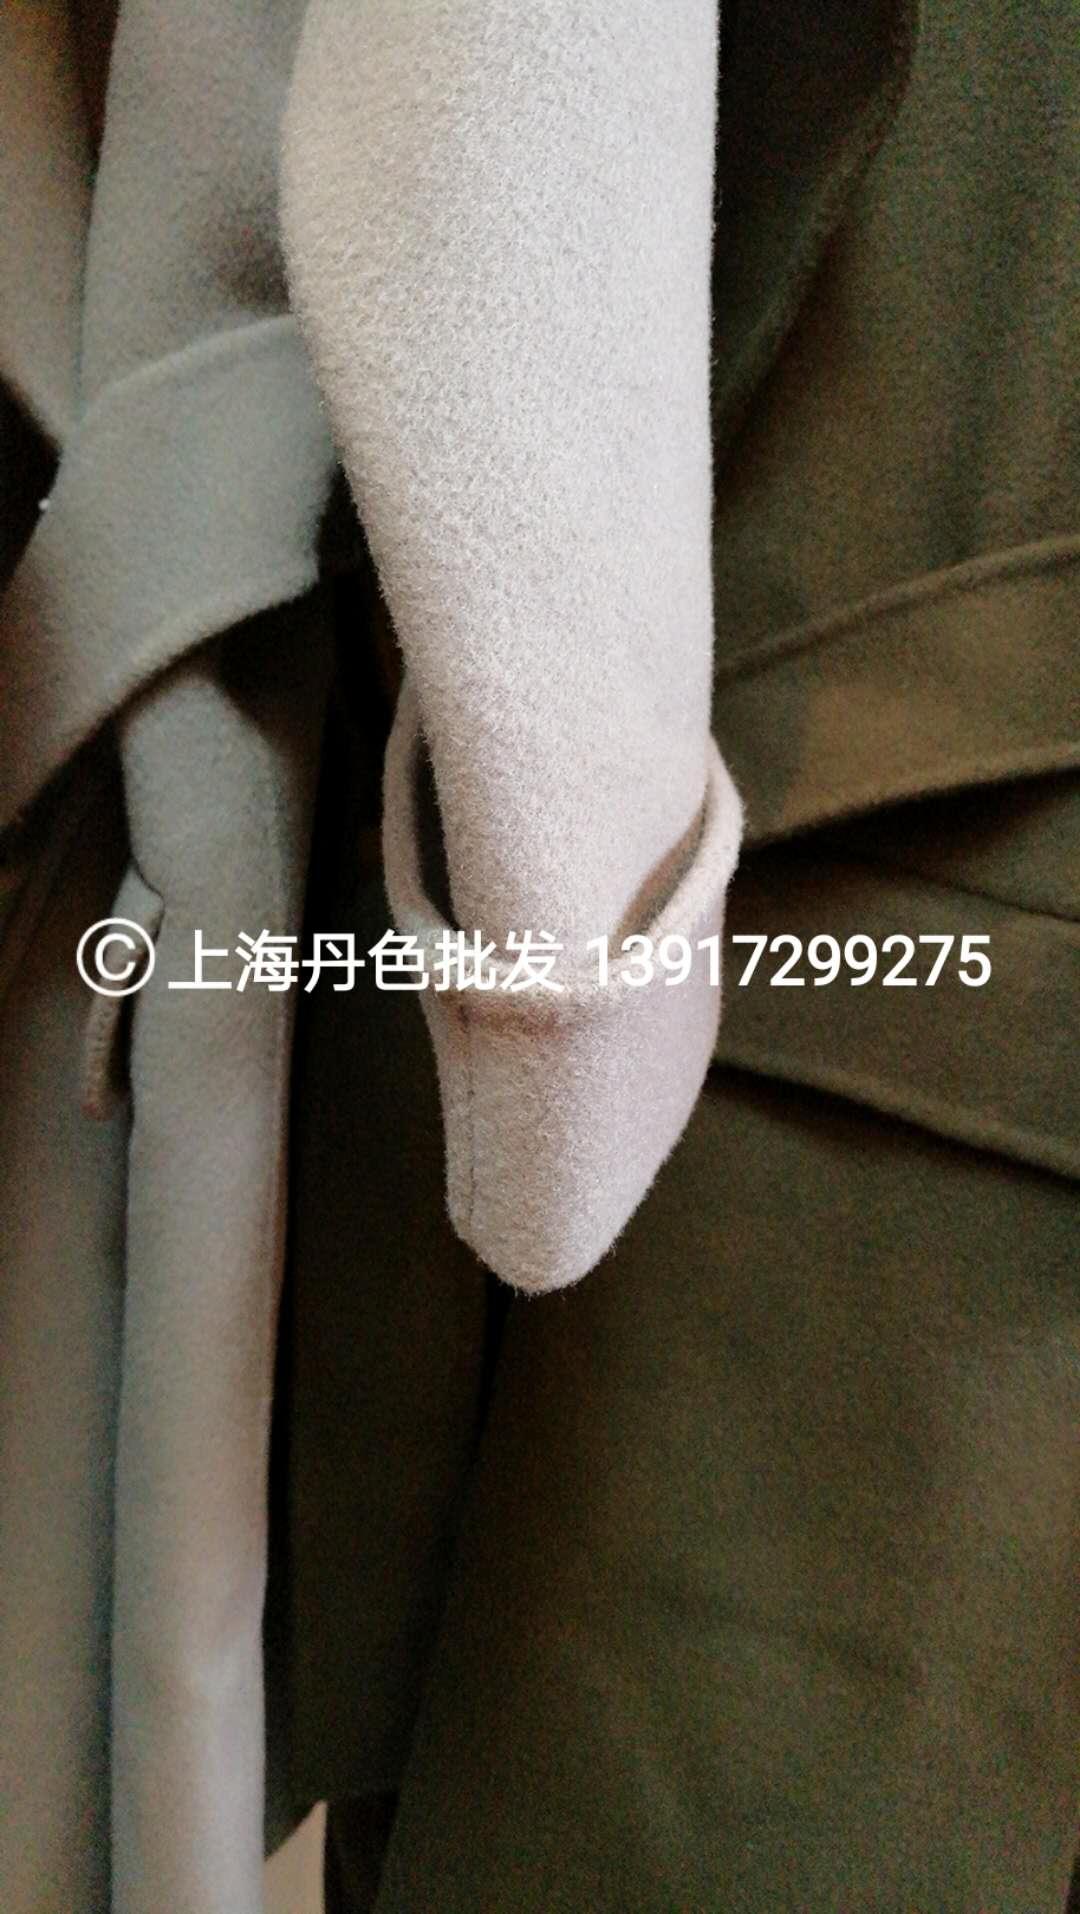 大量新款出货,厂家直供一手货源,外贸品牌原单女装批发可混批